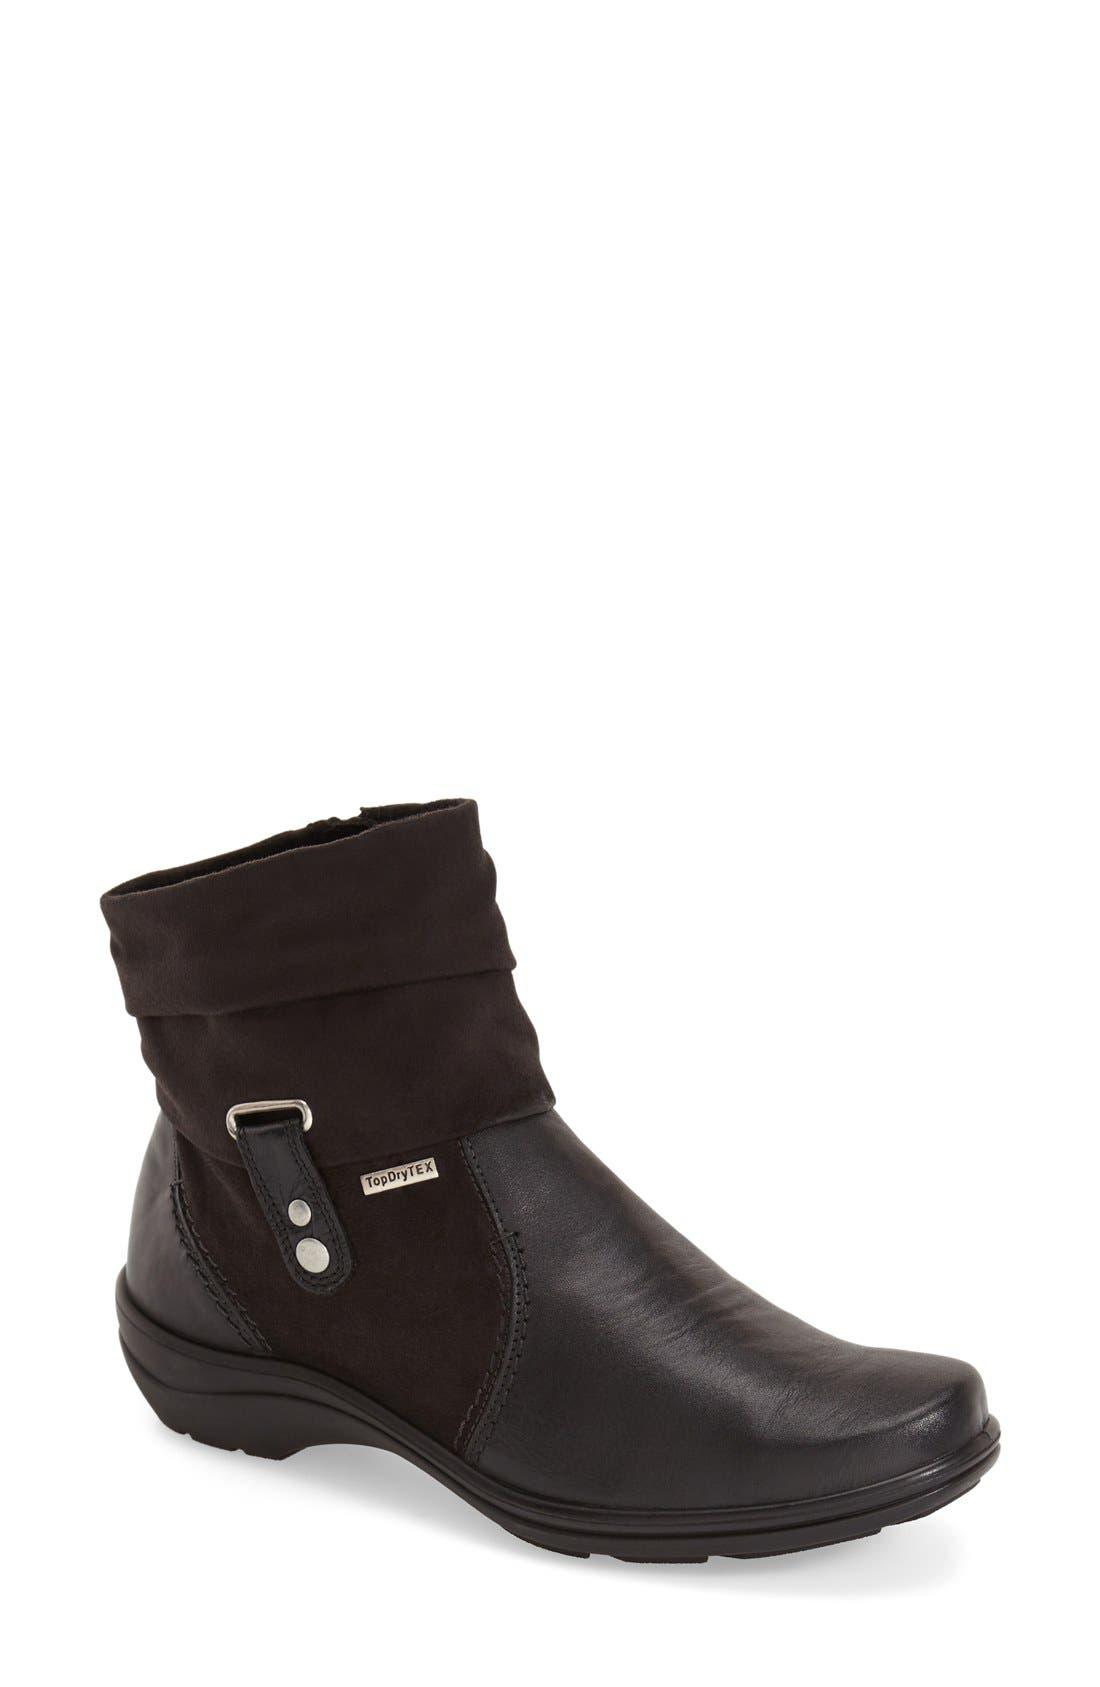 Big Discount Romika Cassie 12 Womens Black boots 2k IJl INI